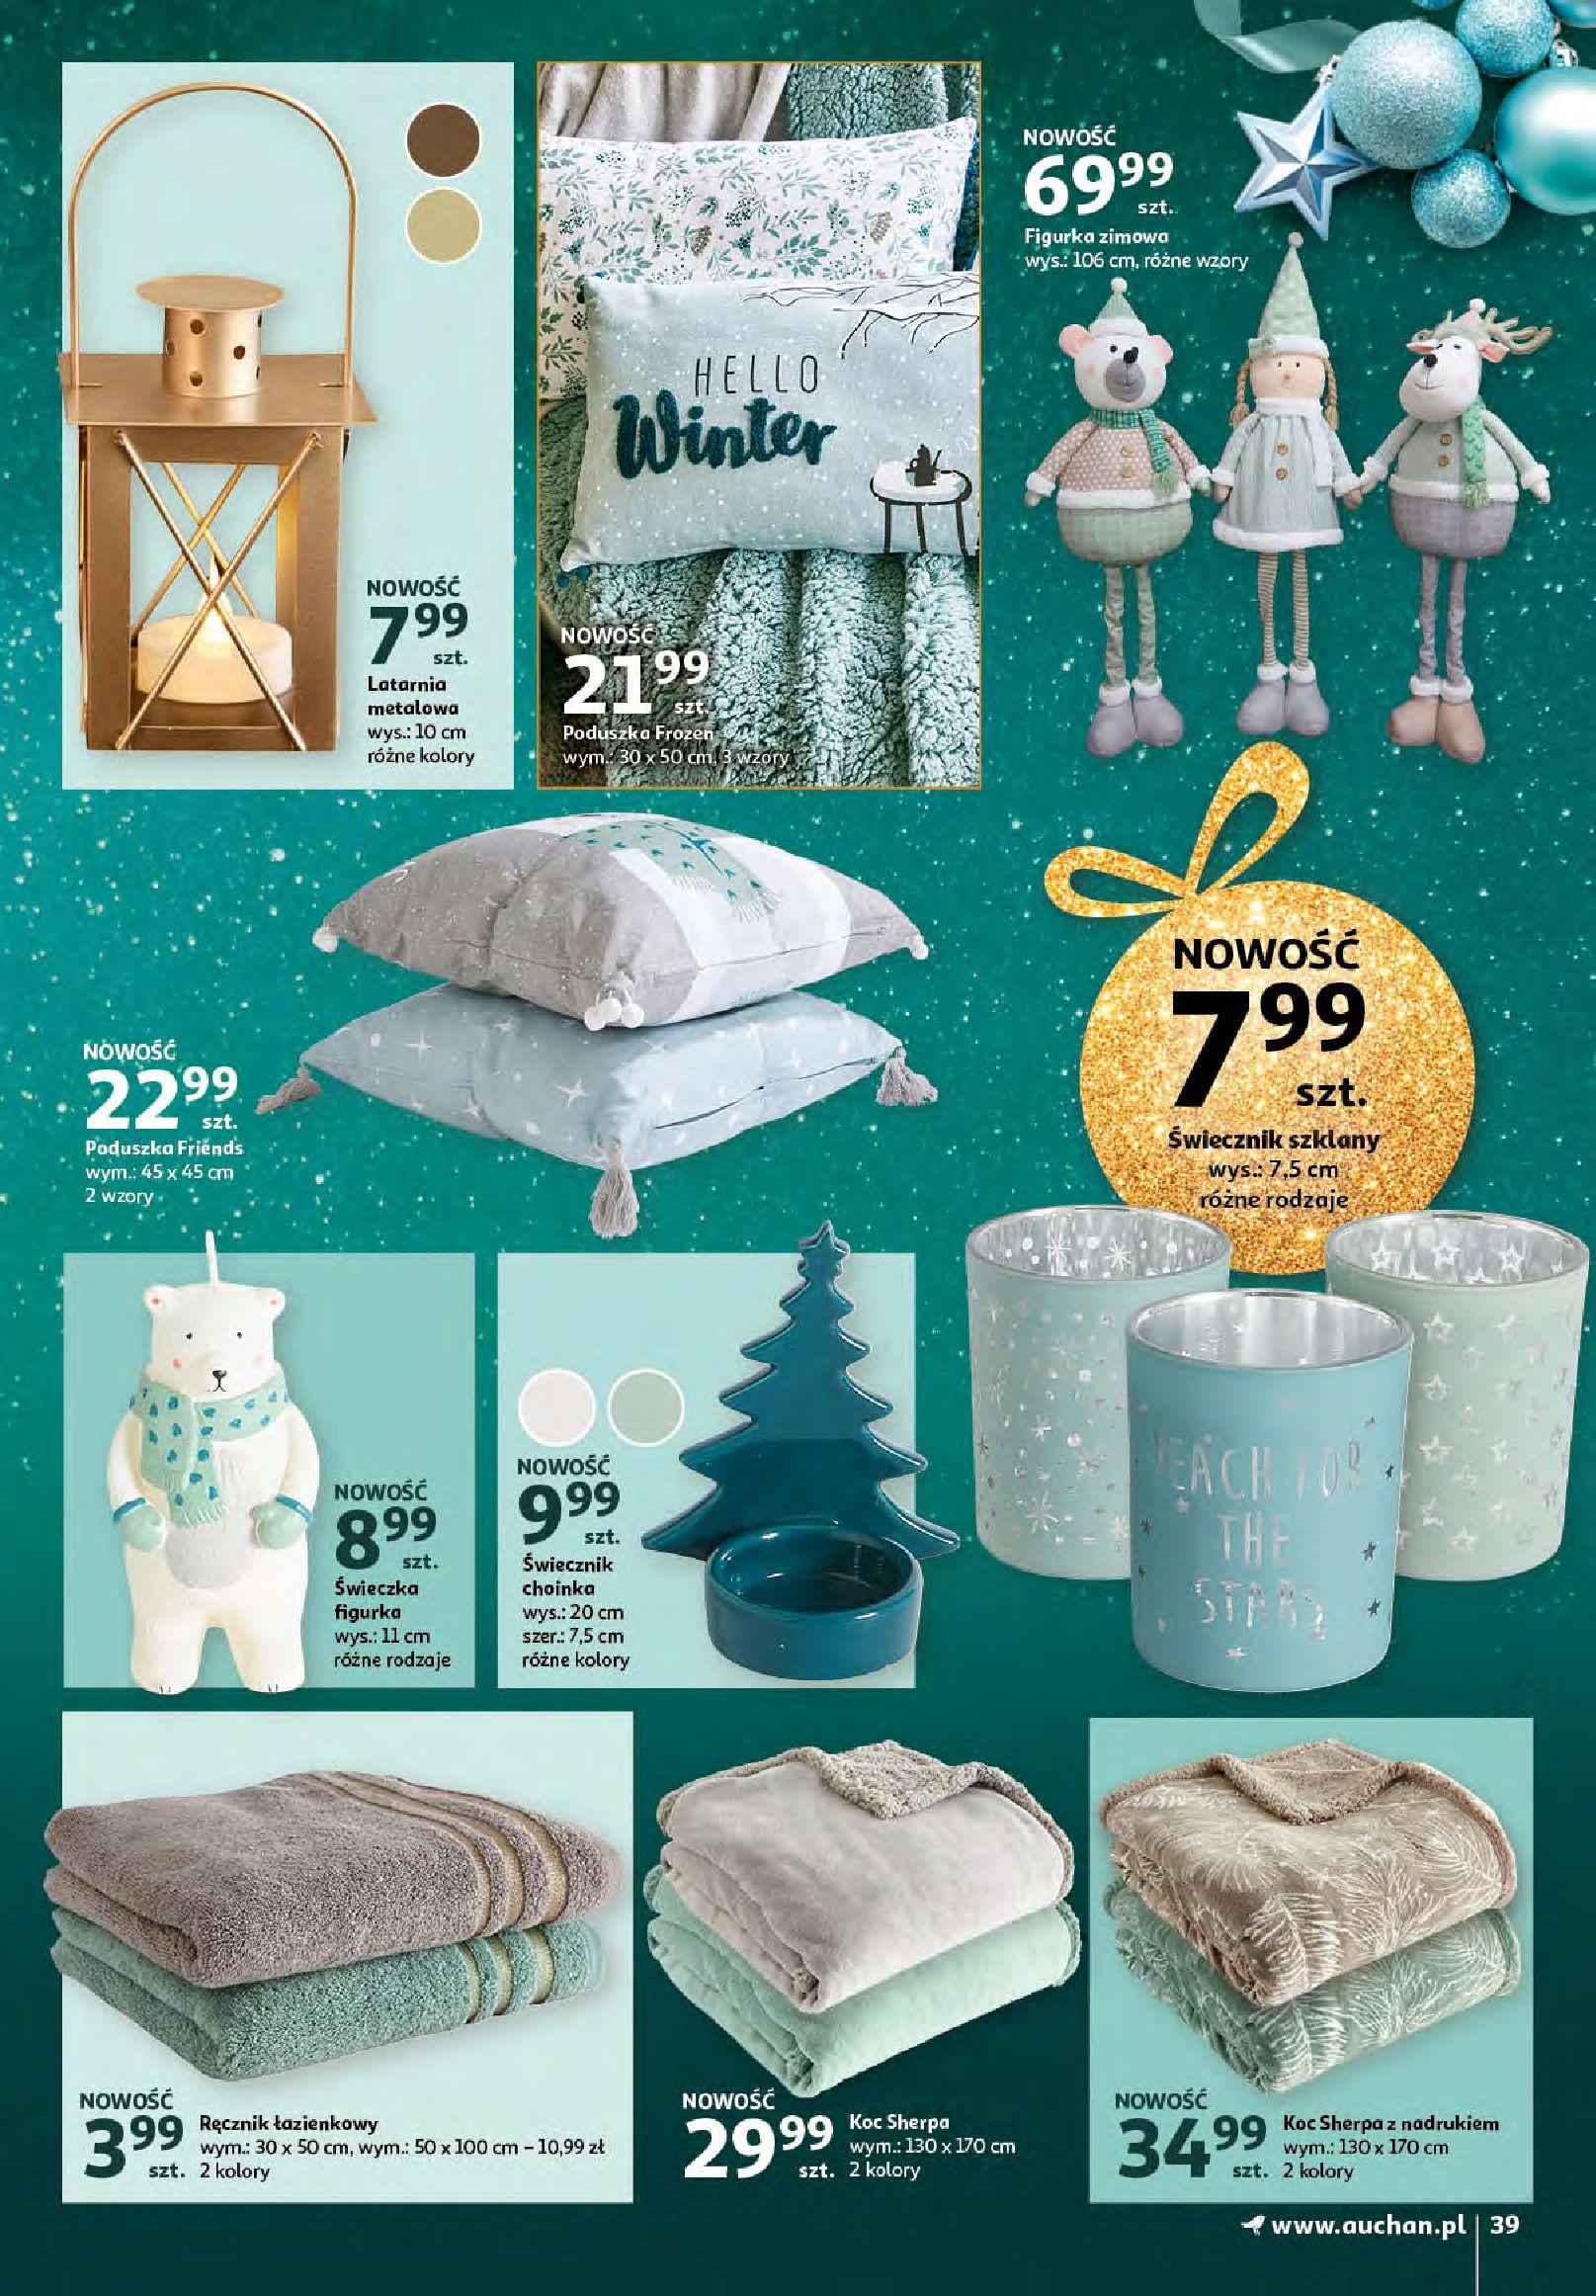 Gazetka Auchan - Magia zabawek i świątecznych ozdób-11.11.2020-25.11.2020-page-39